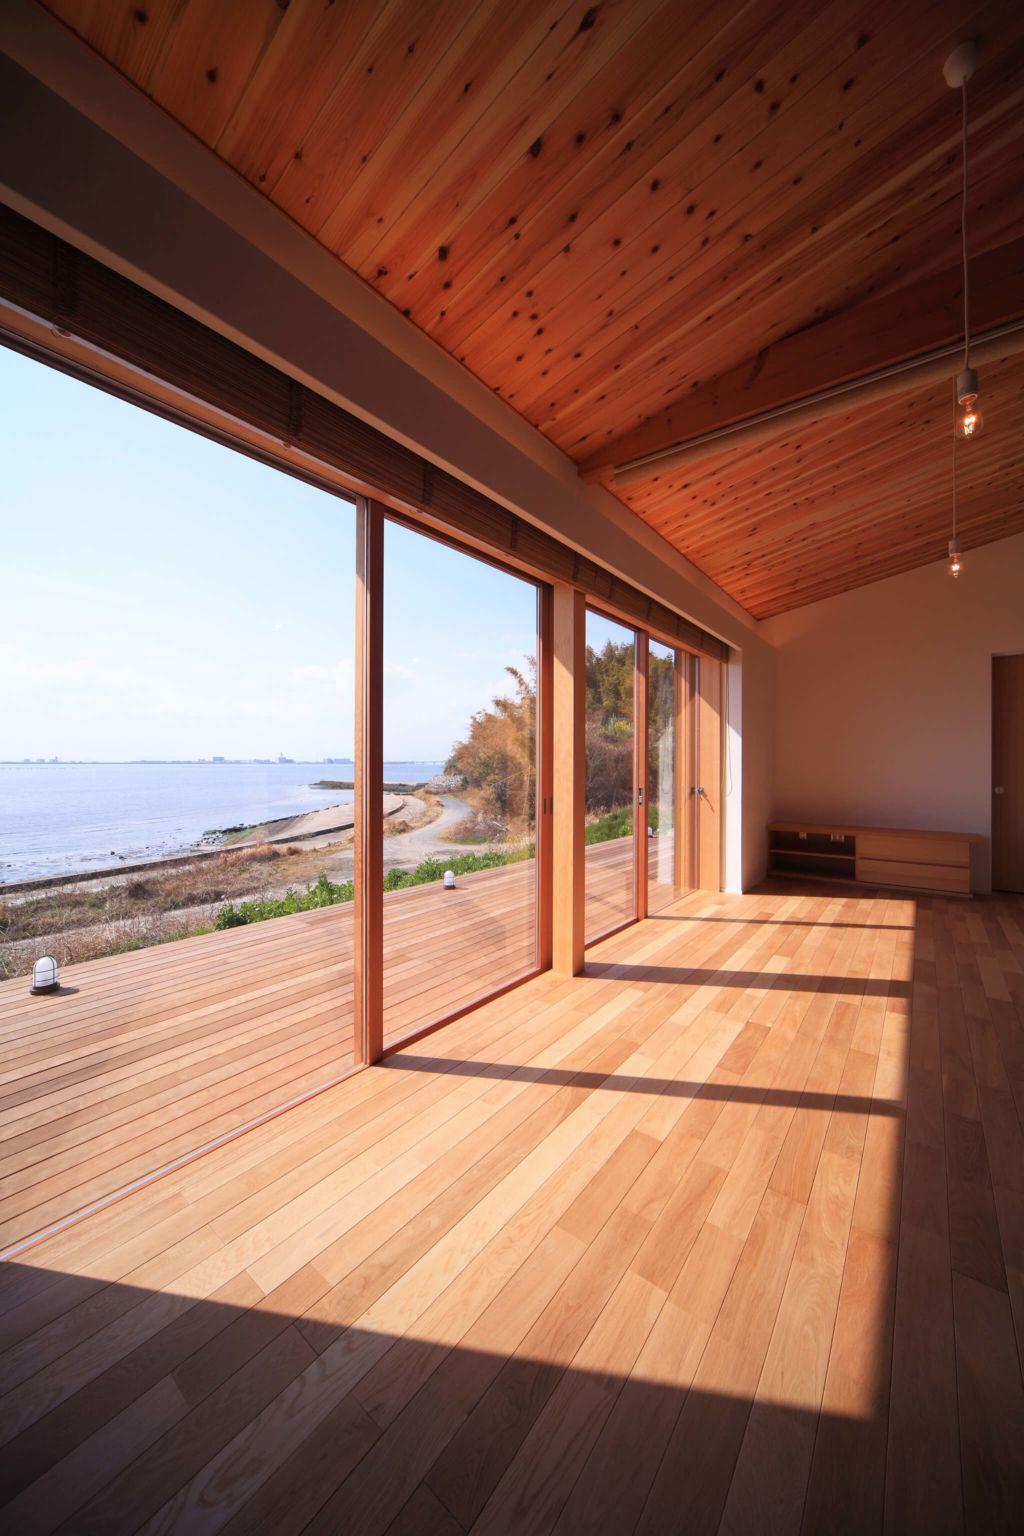 海の見える家 海 の 見える 家 家 外観 おしゃれ 平屋 家